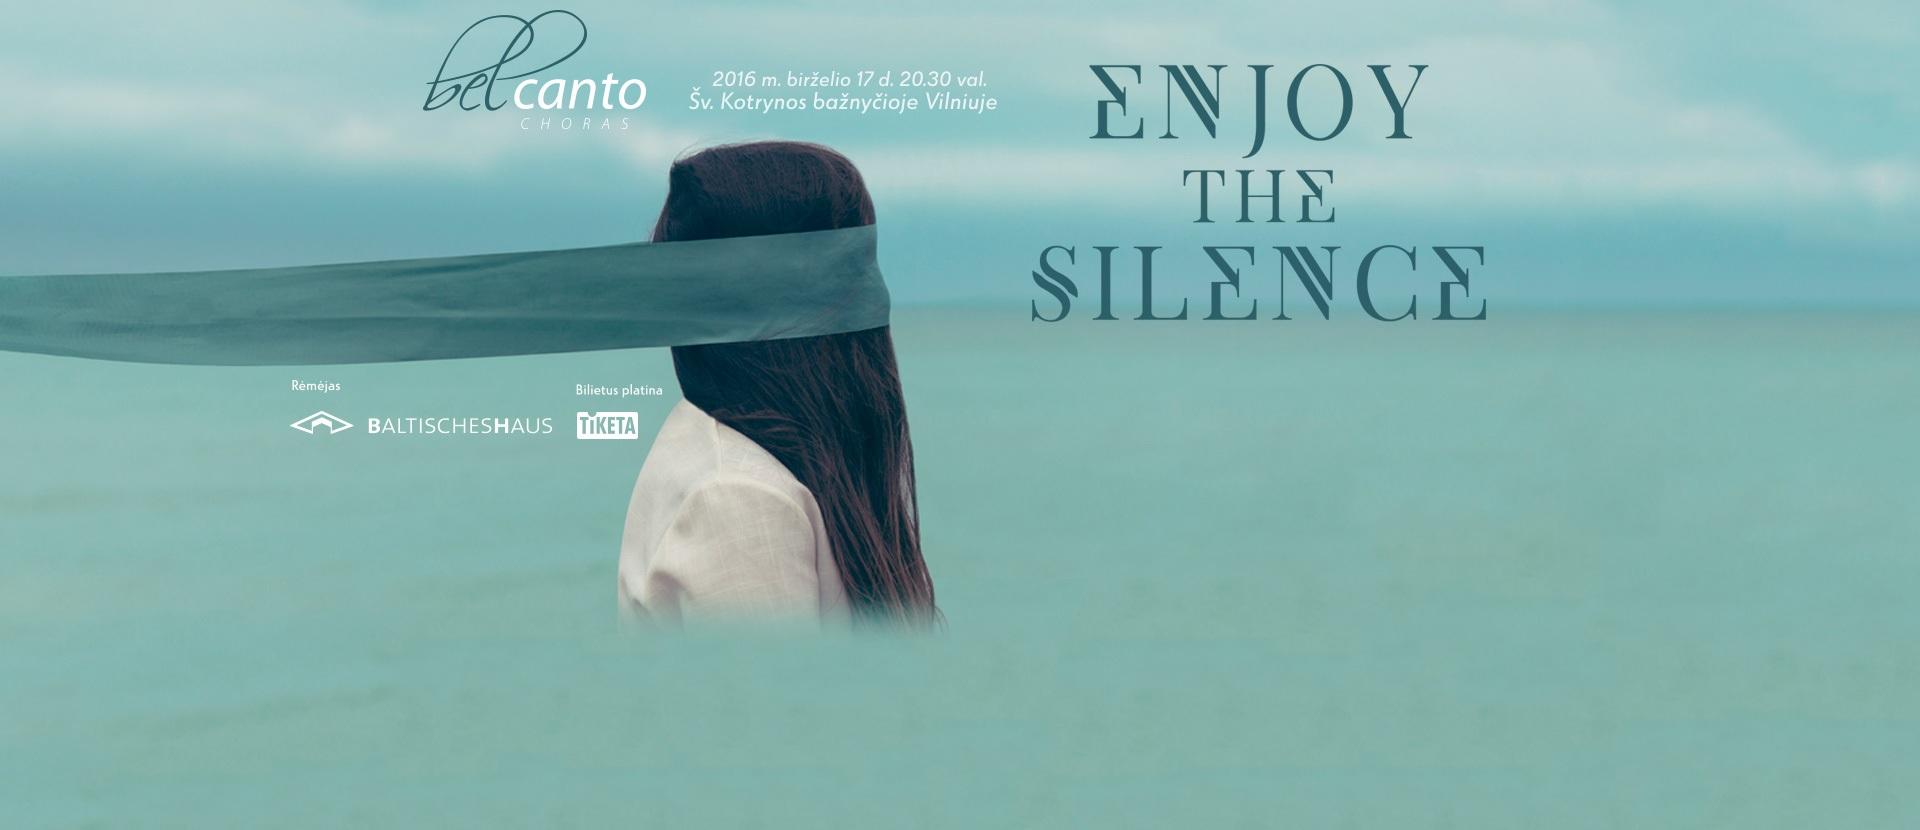 Choras Bel Canto pristato: Enjoy the Silence